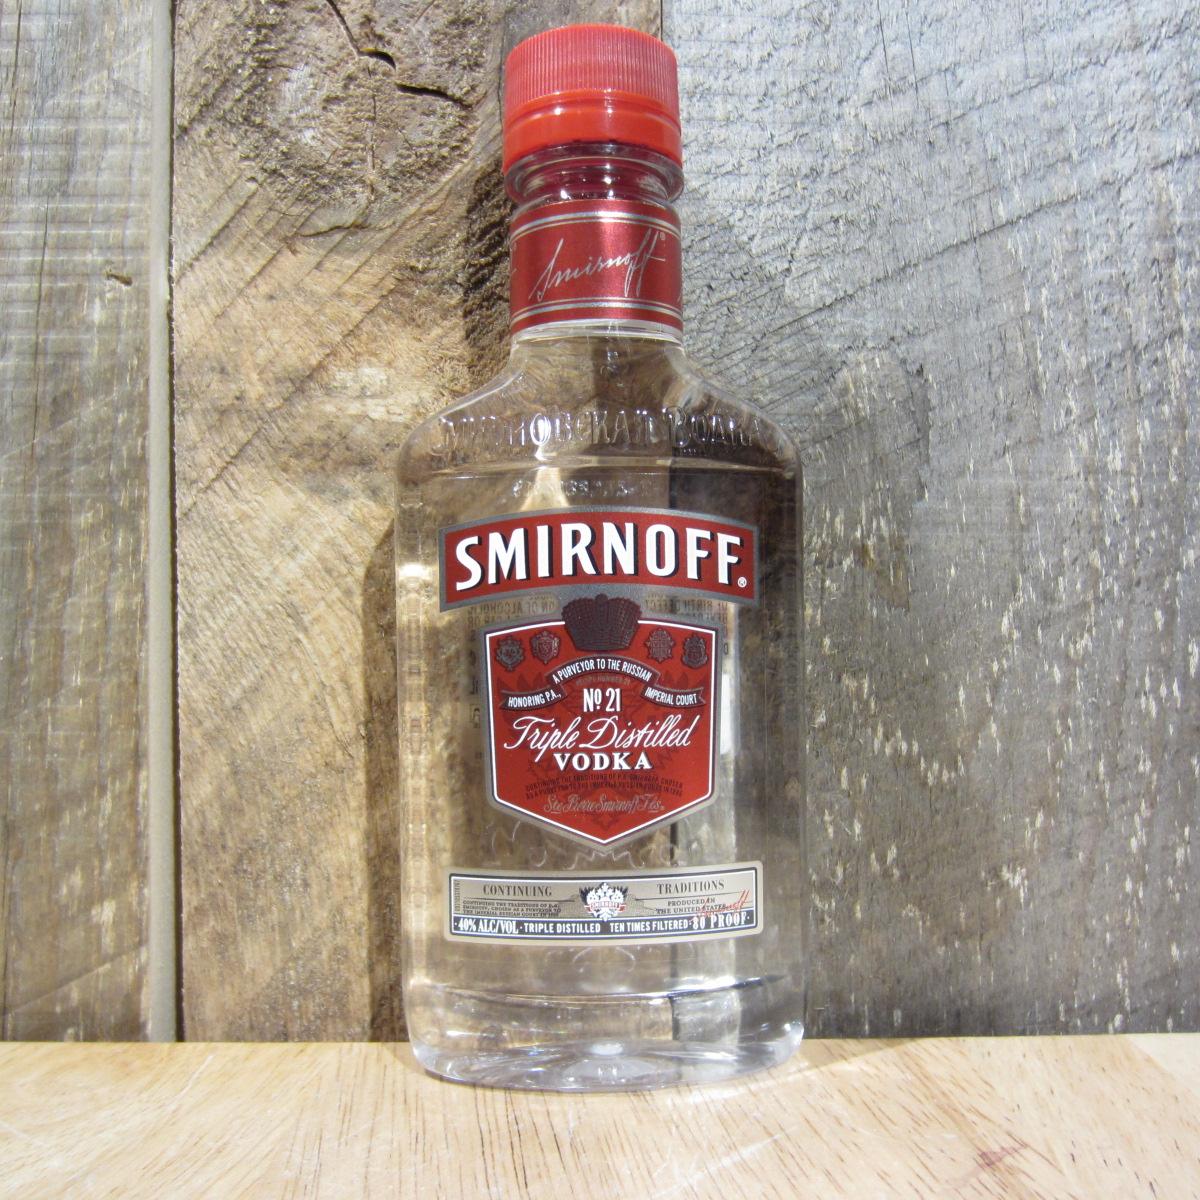 Smirnoff No. 21 Vodka 200ml (Half Pint)